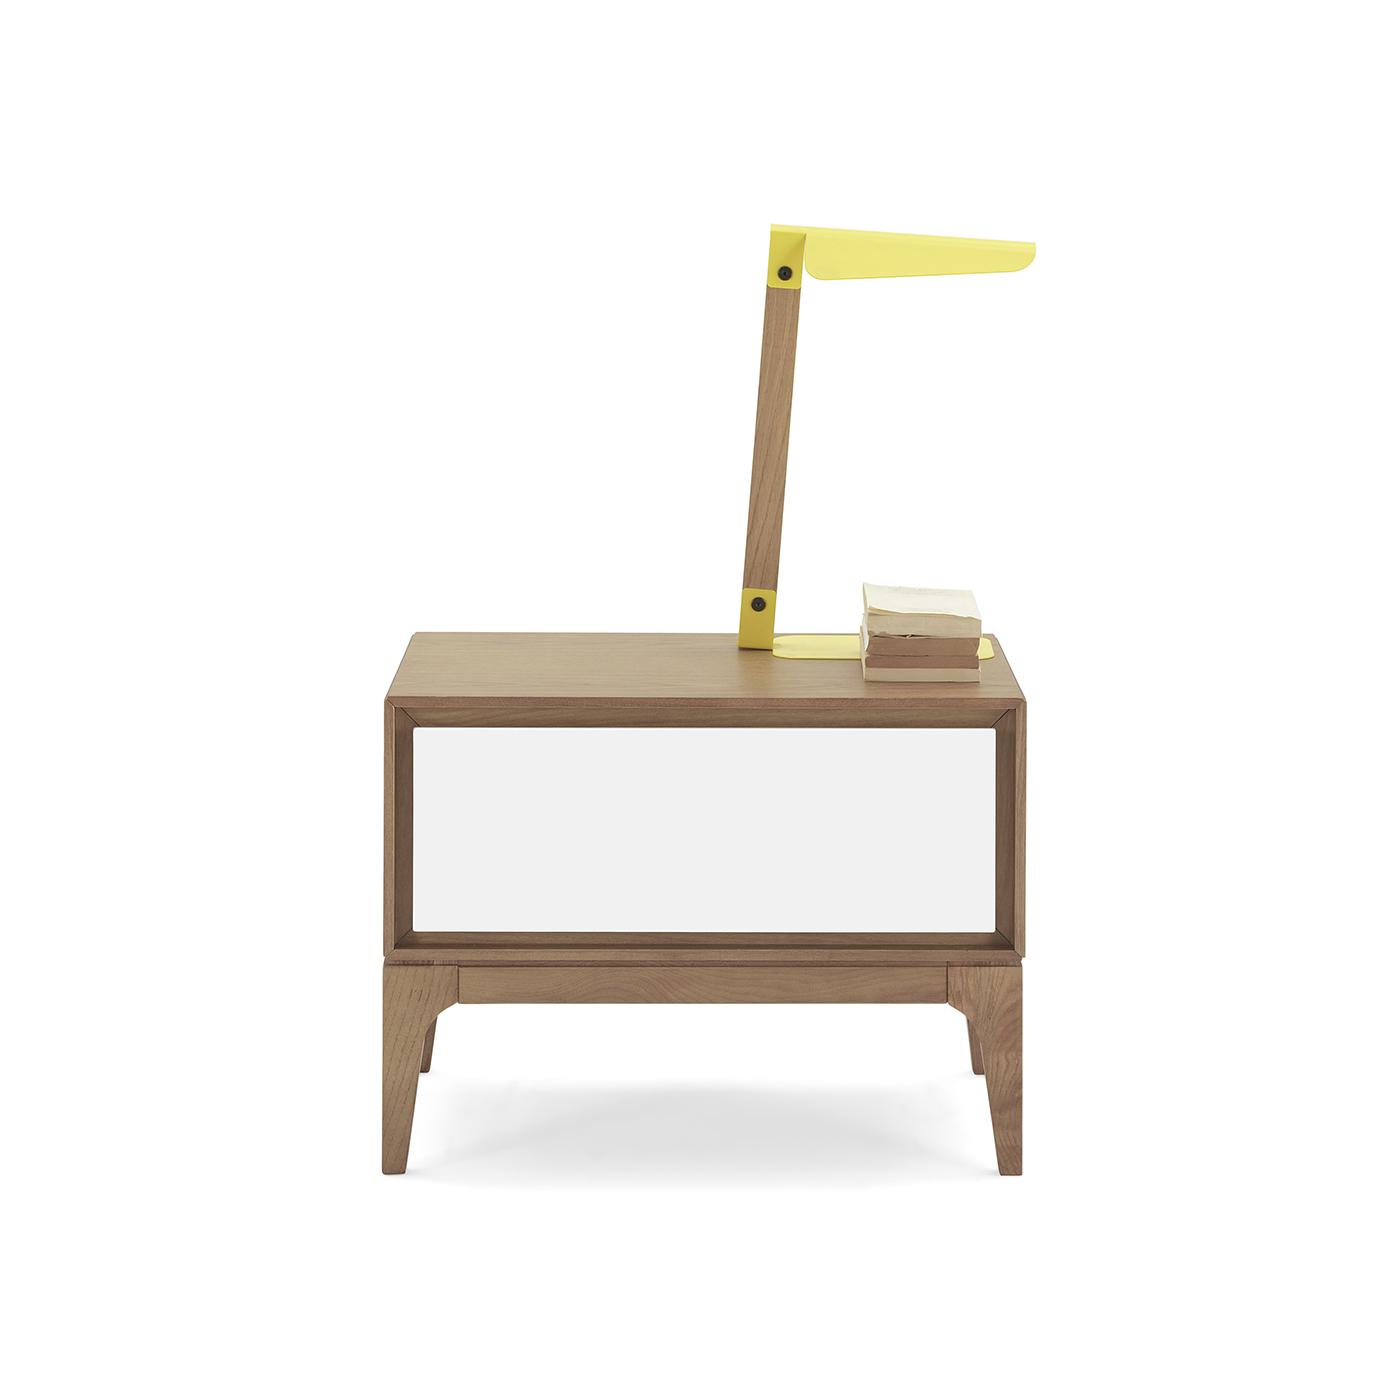 Ivan Moshe_משה עיואן_furniture_09.jpg